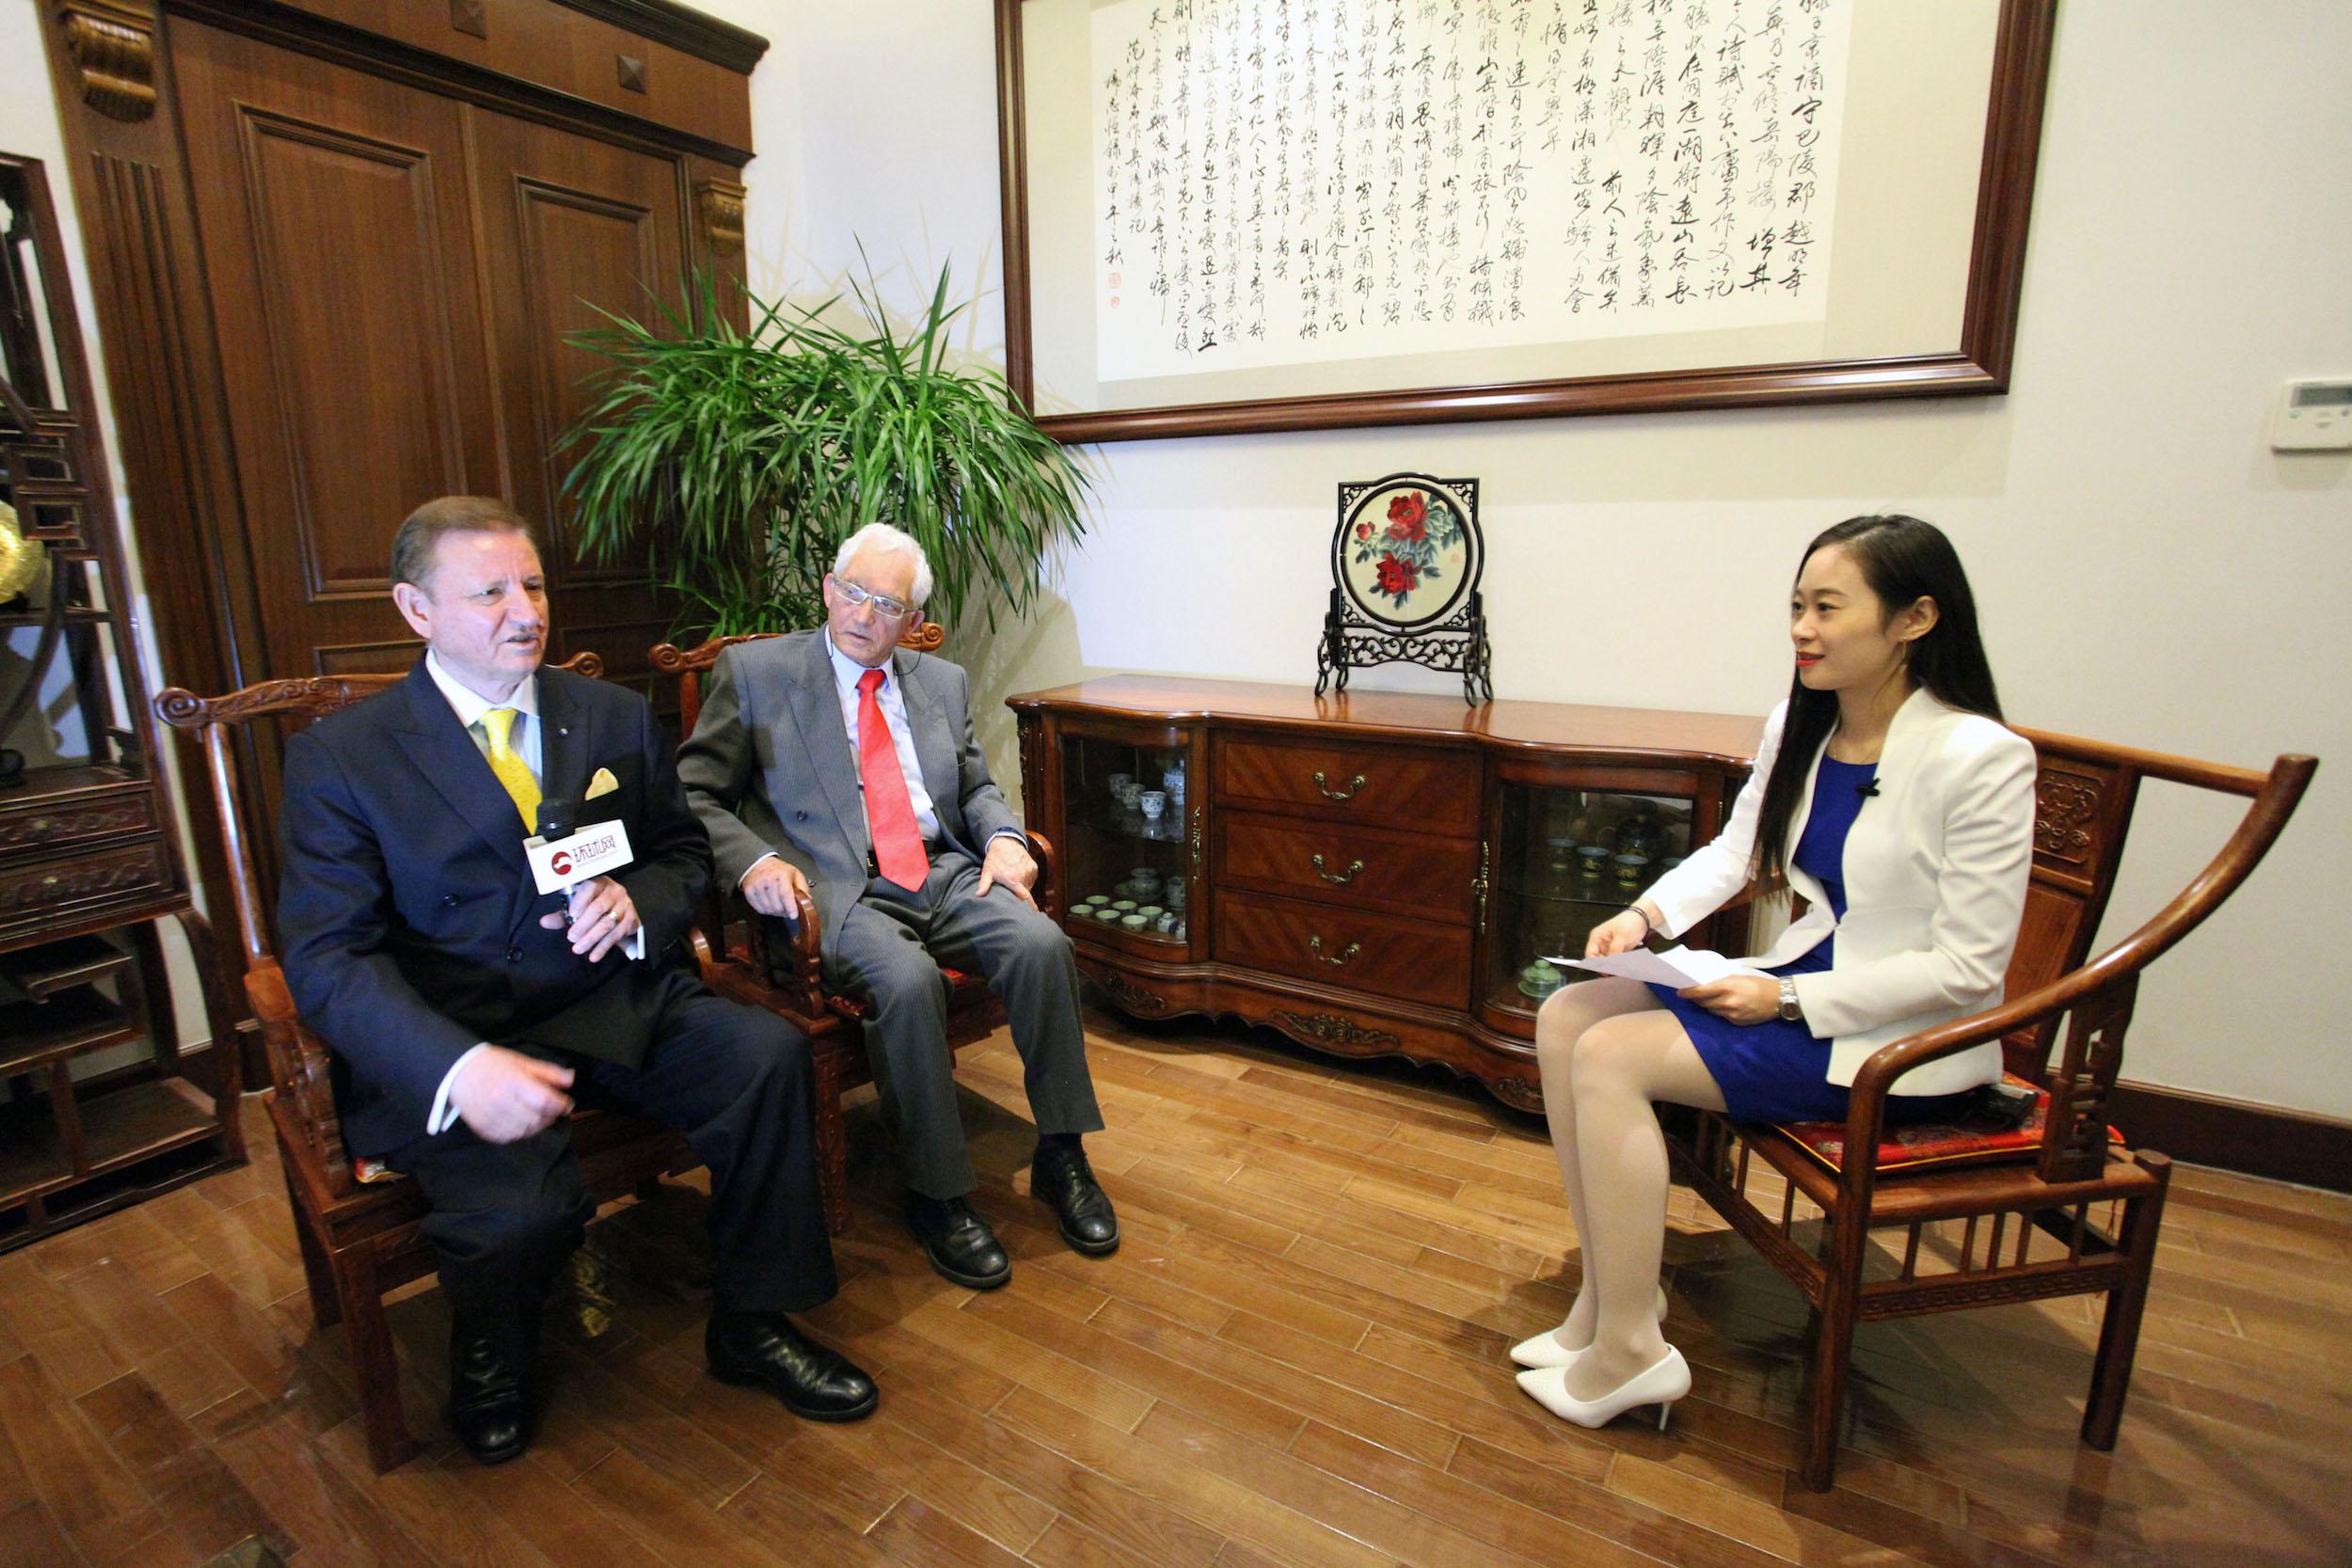 马耳他中国友好协会会长和驻华大使接受环球网专访